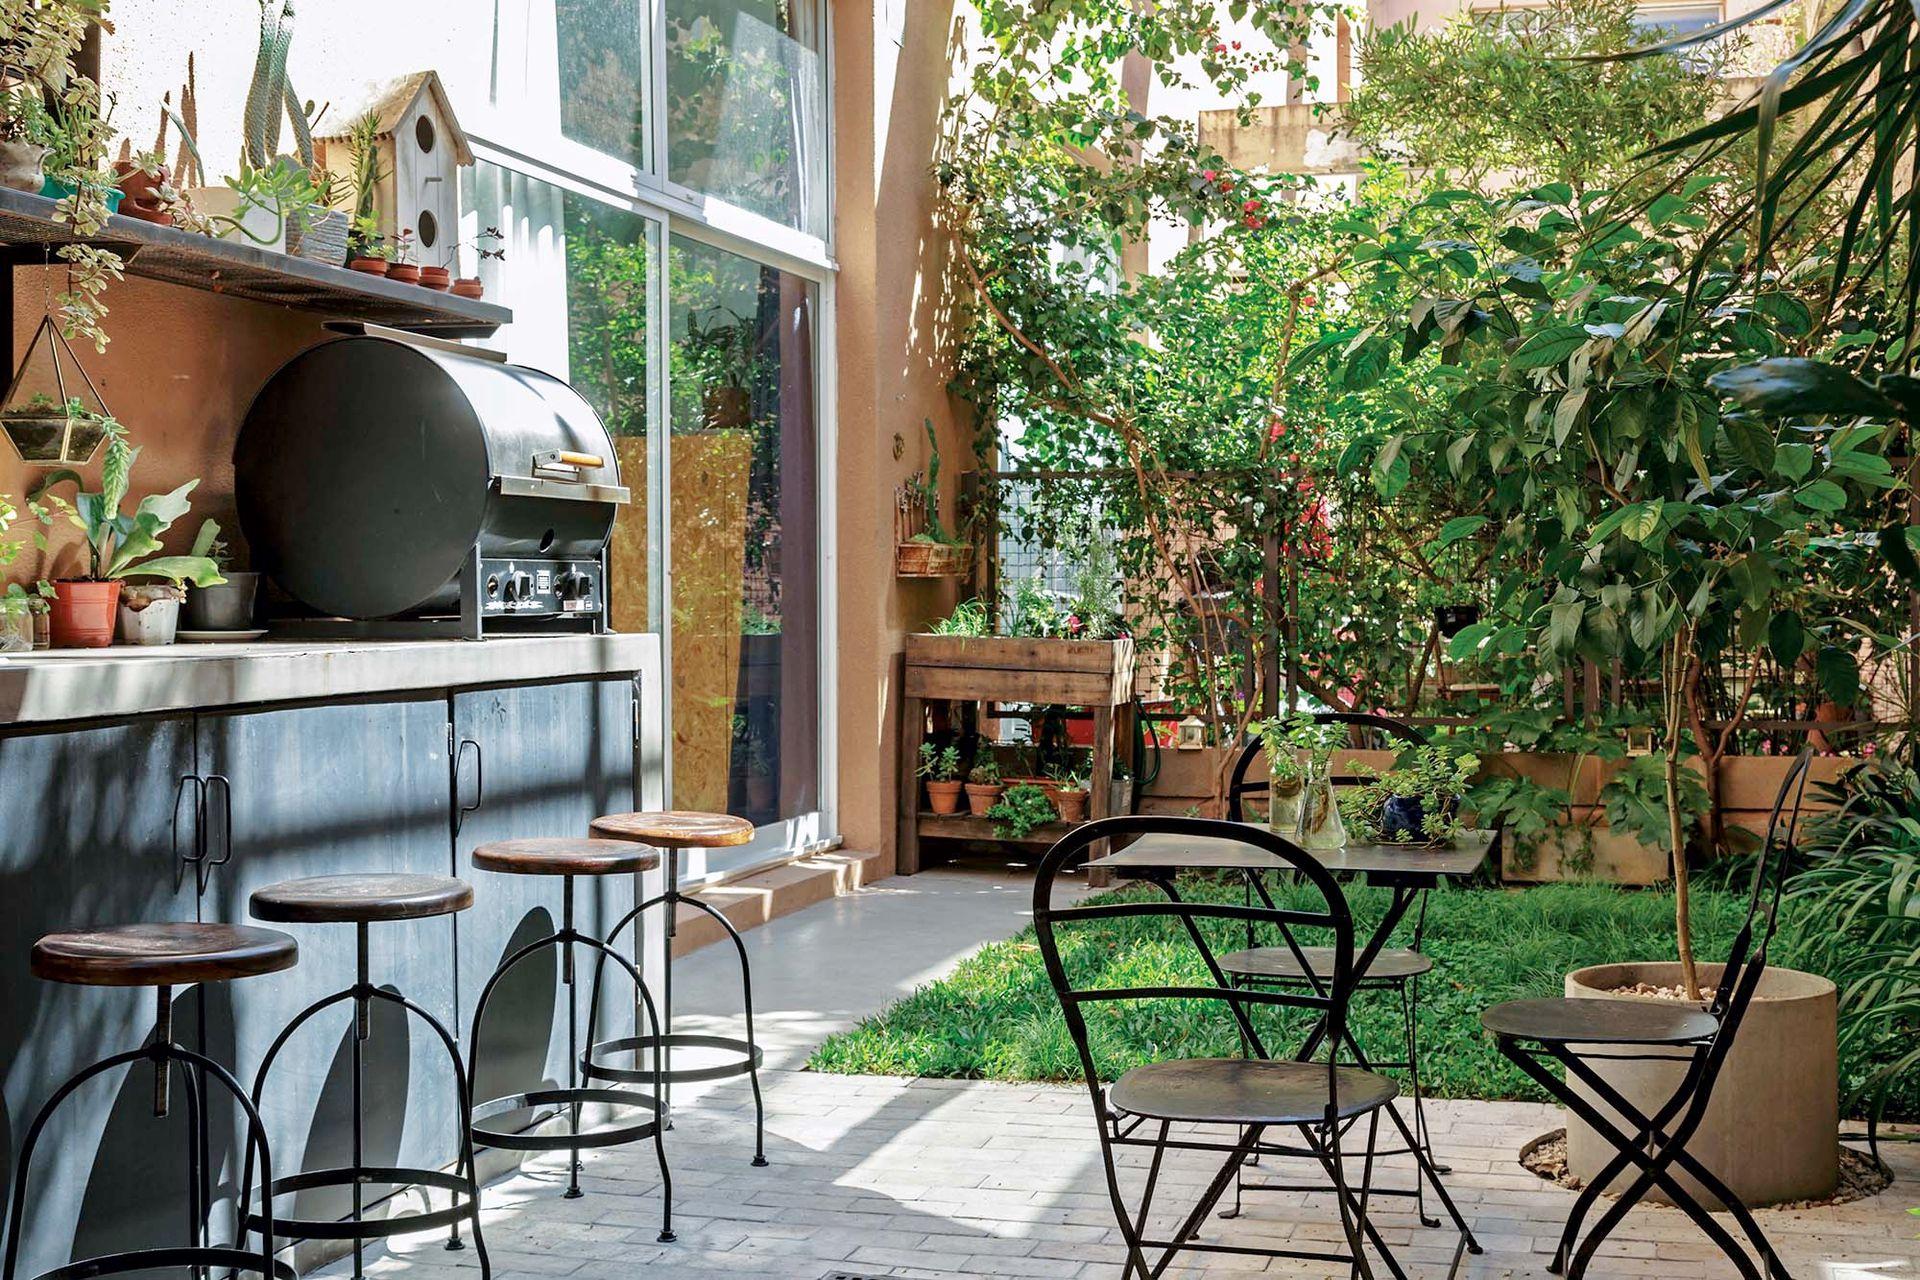 El patio es el lugar preferido de los dueños de casa y se trazó para aprovechar cada rincón.